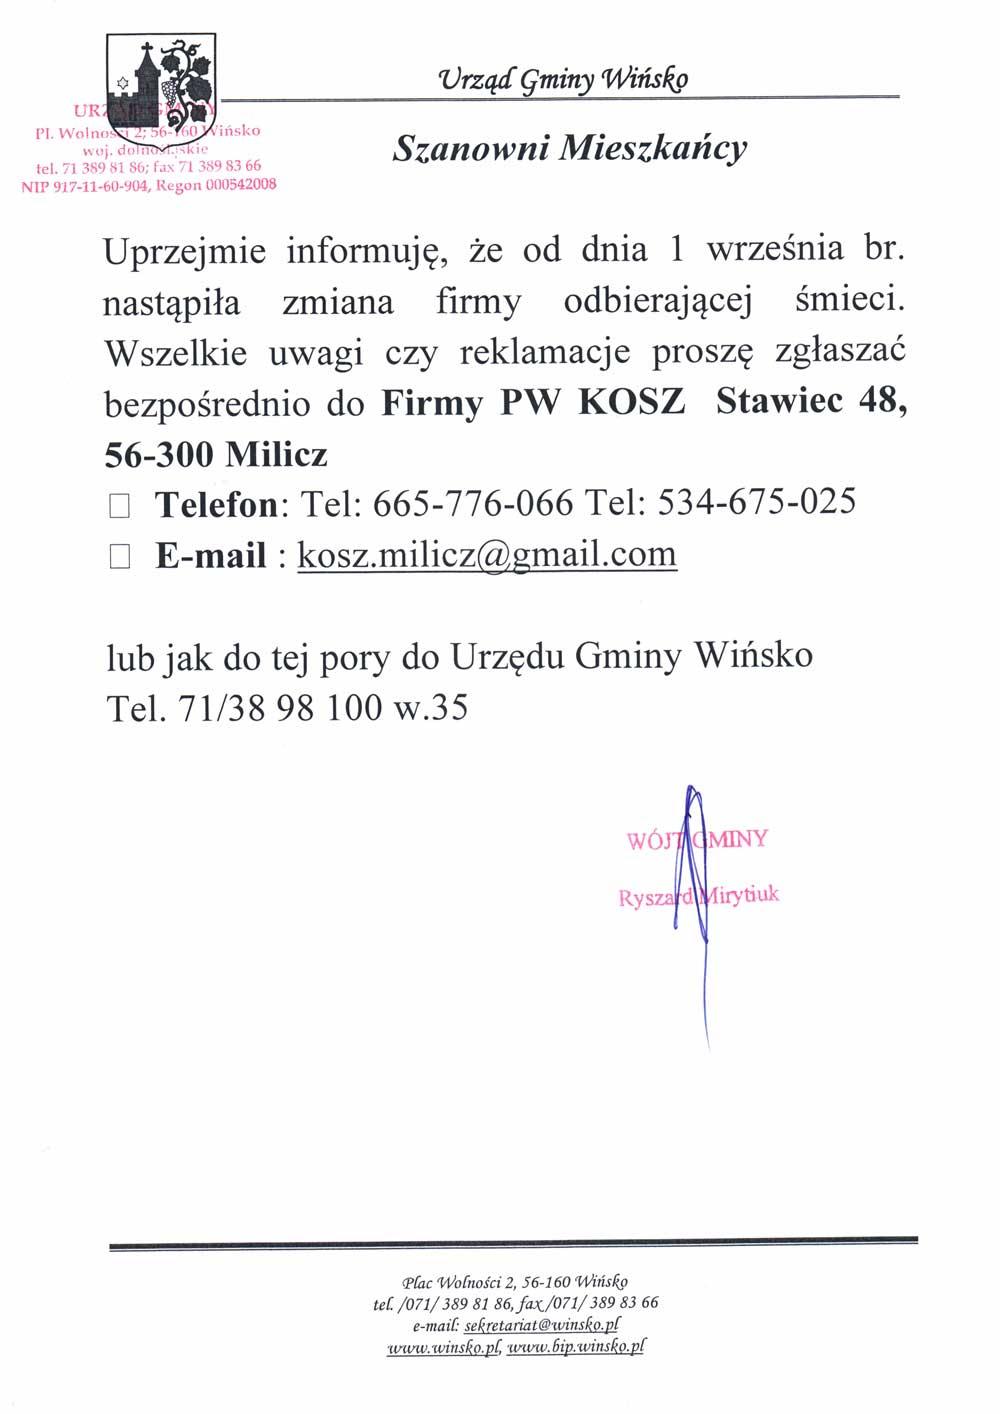 Informacja o zmianie firmy odbierającej odpady w gminie Wińsko